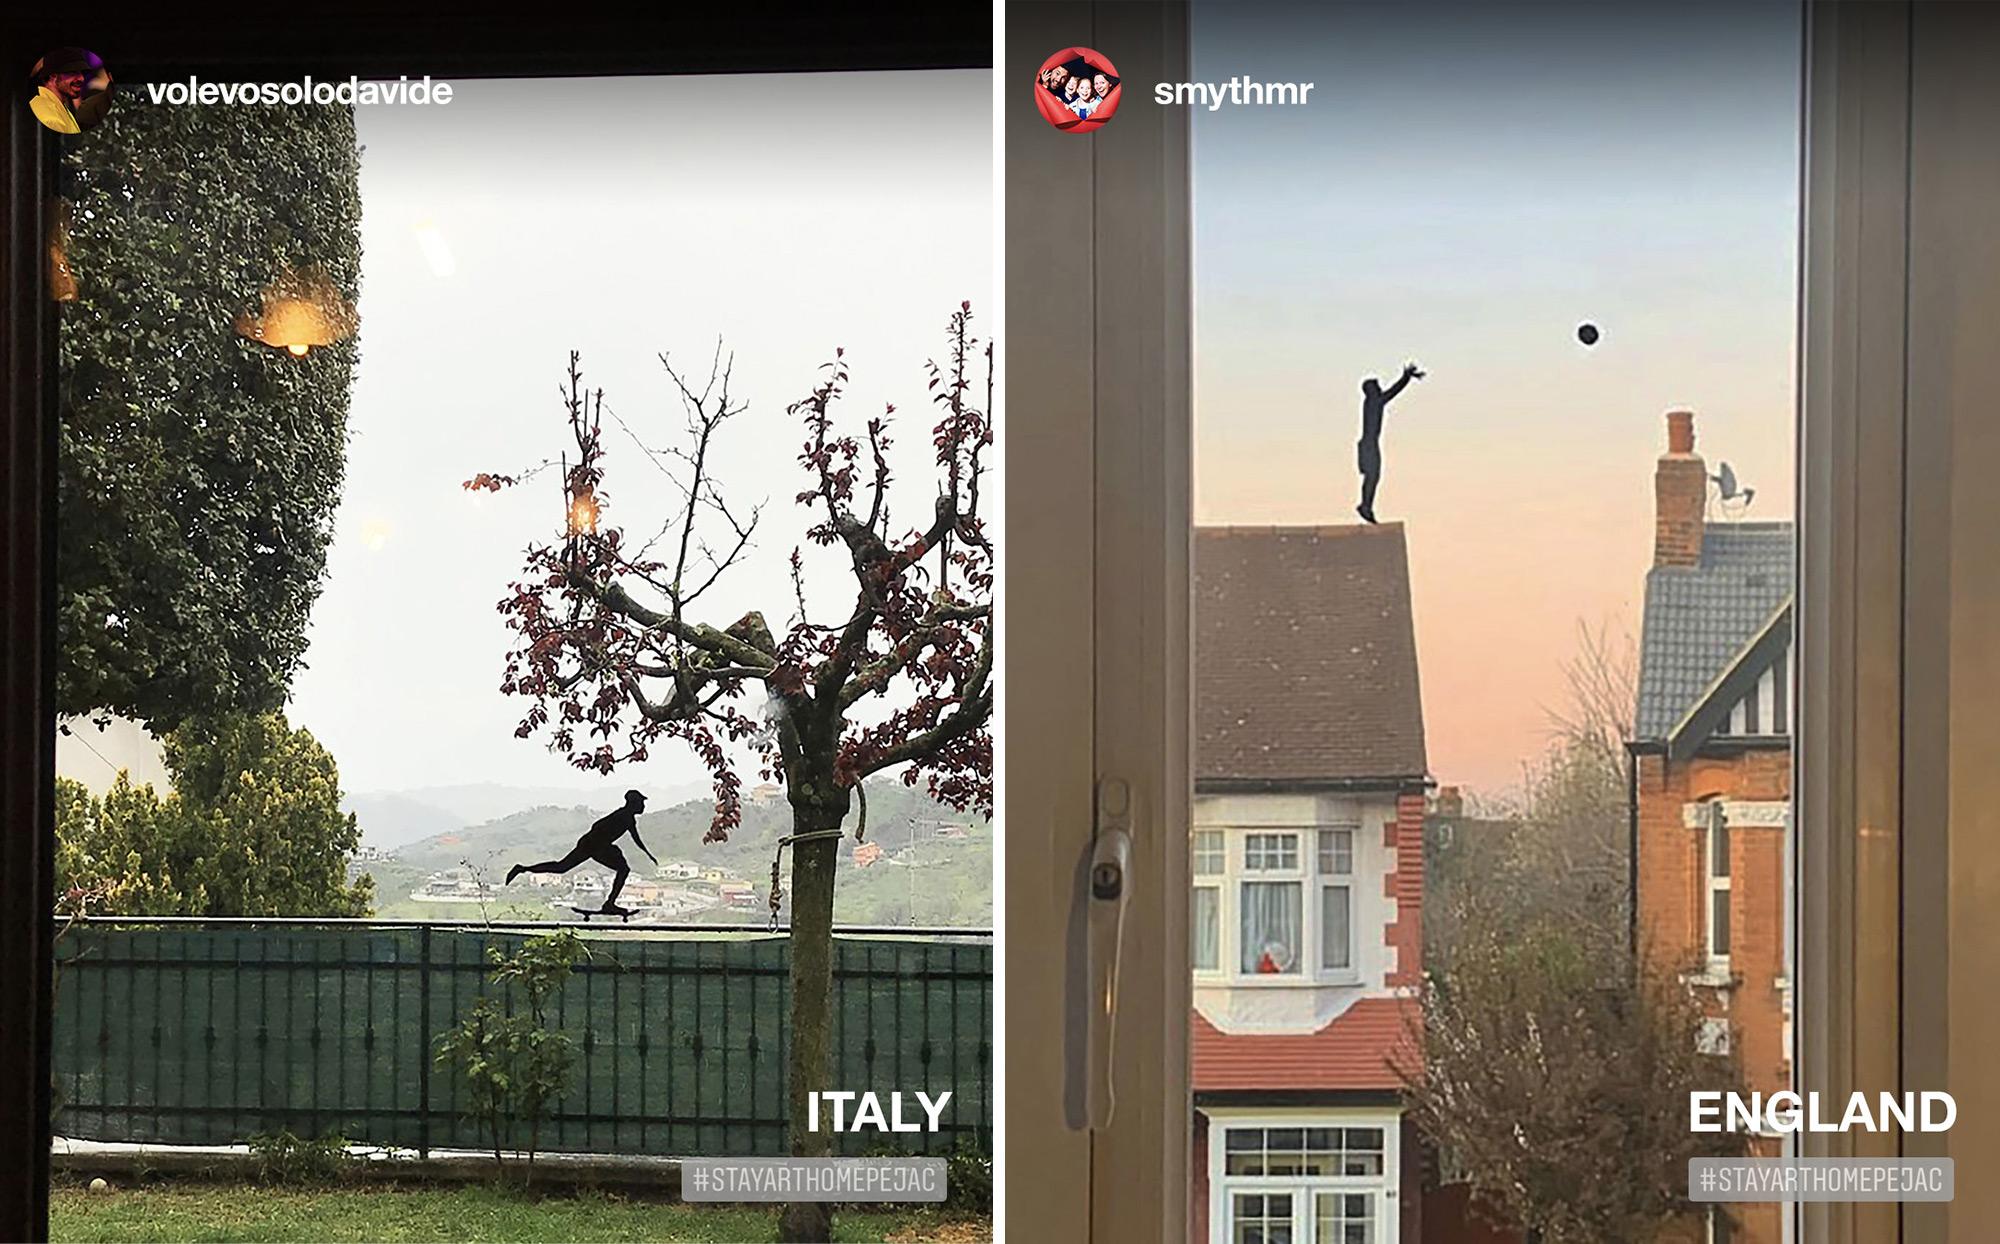 Pejac Launches Movement to Transform Home Windows into Imaginative Silhouette Art